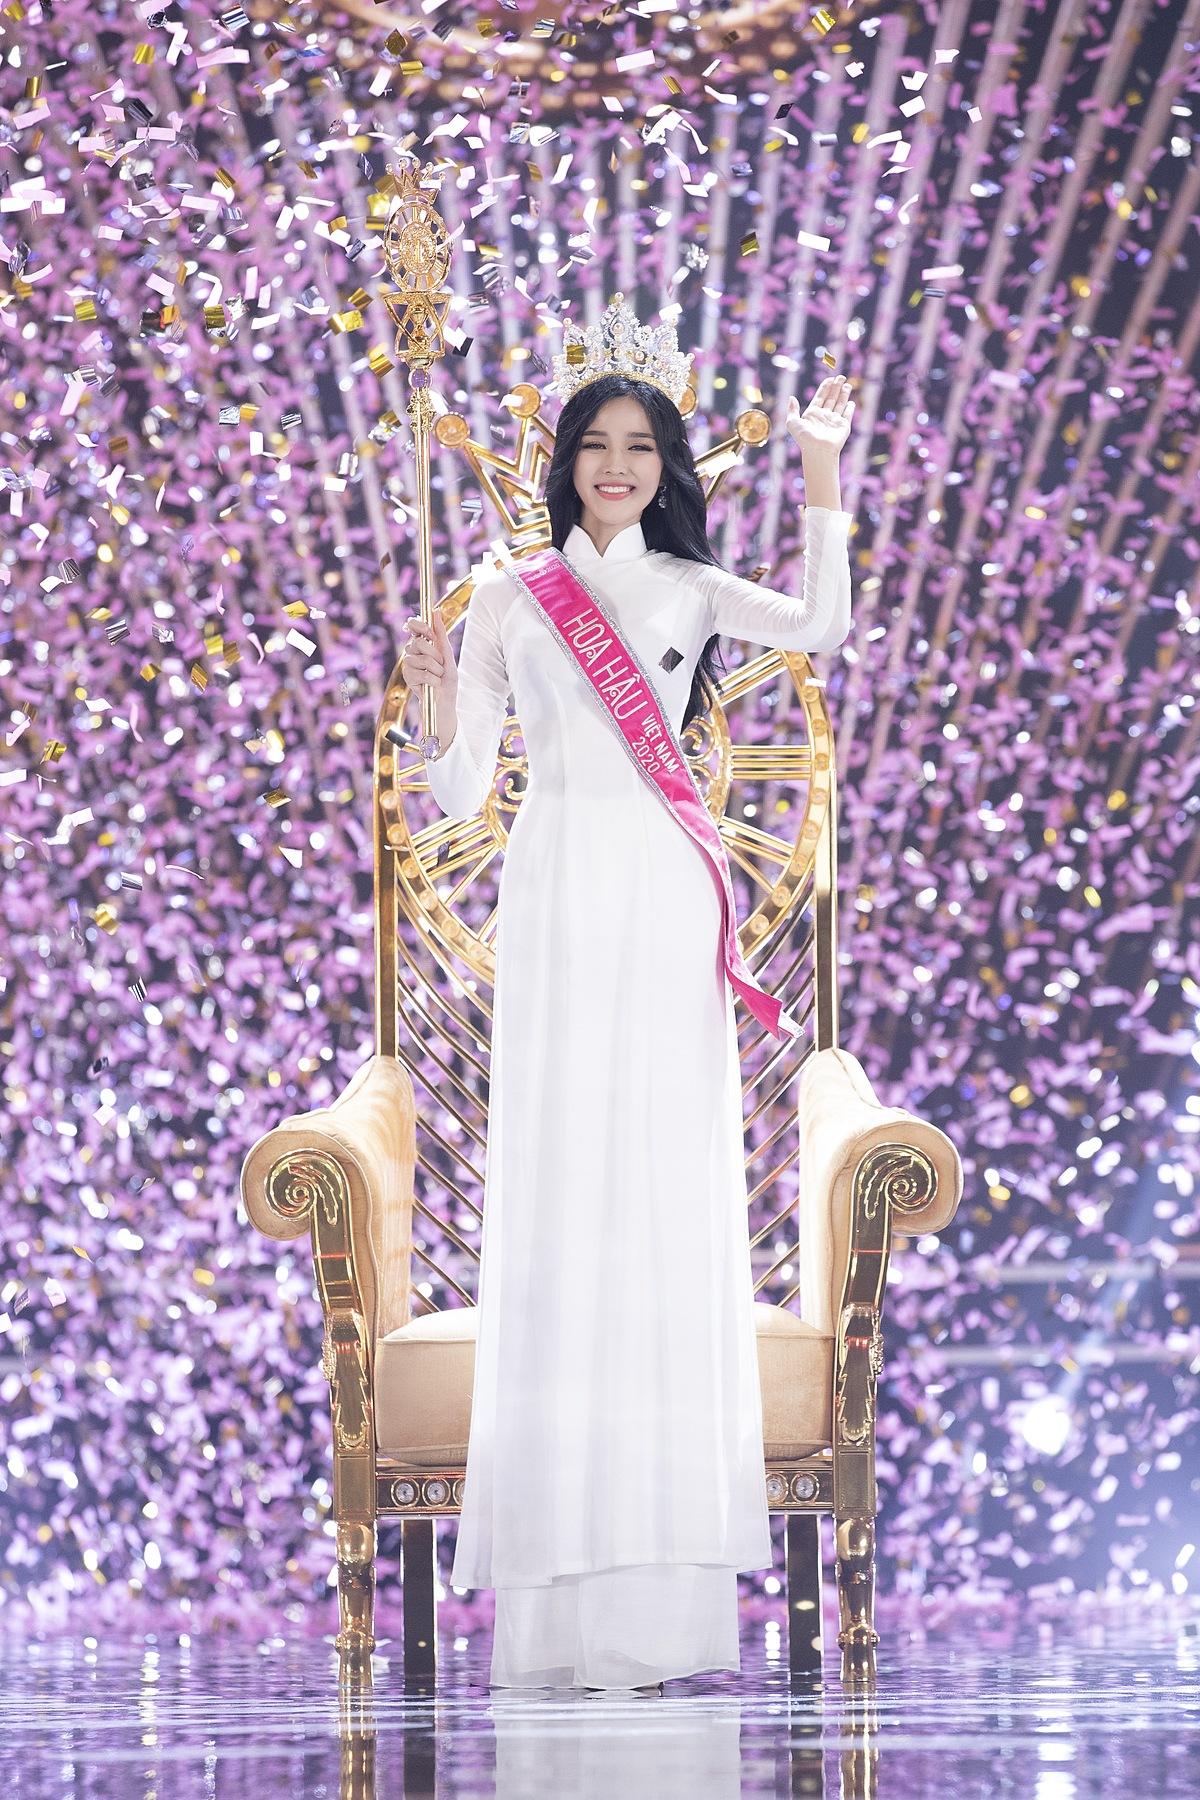 Chung kết Hoa hậu Việt Nam 2020 khép lại với ngôi vị cao nhất thuộc về Đỗ Thị Hà, sinh năm 2001, đến từ Thanh Hóa. Kết quả này không gây bất ngờ vì từ trước đêm thi cuối cùng, mỹ nhân 10x đã được nhiều người dự đoán đăng quang.